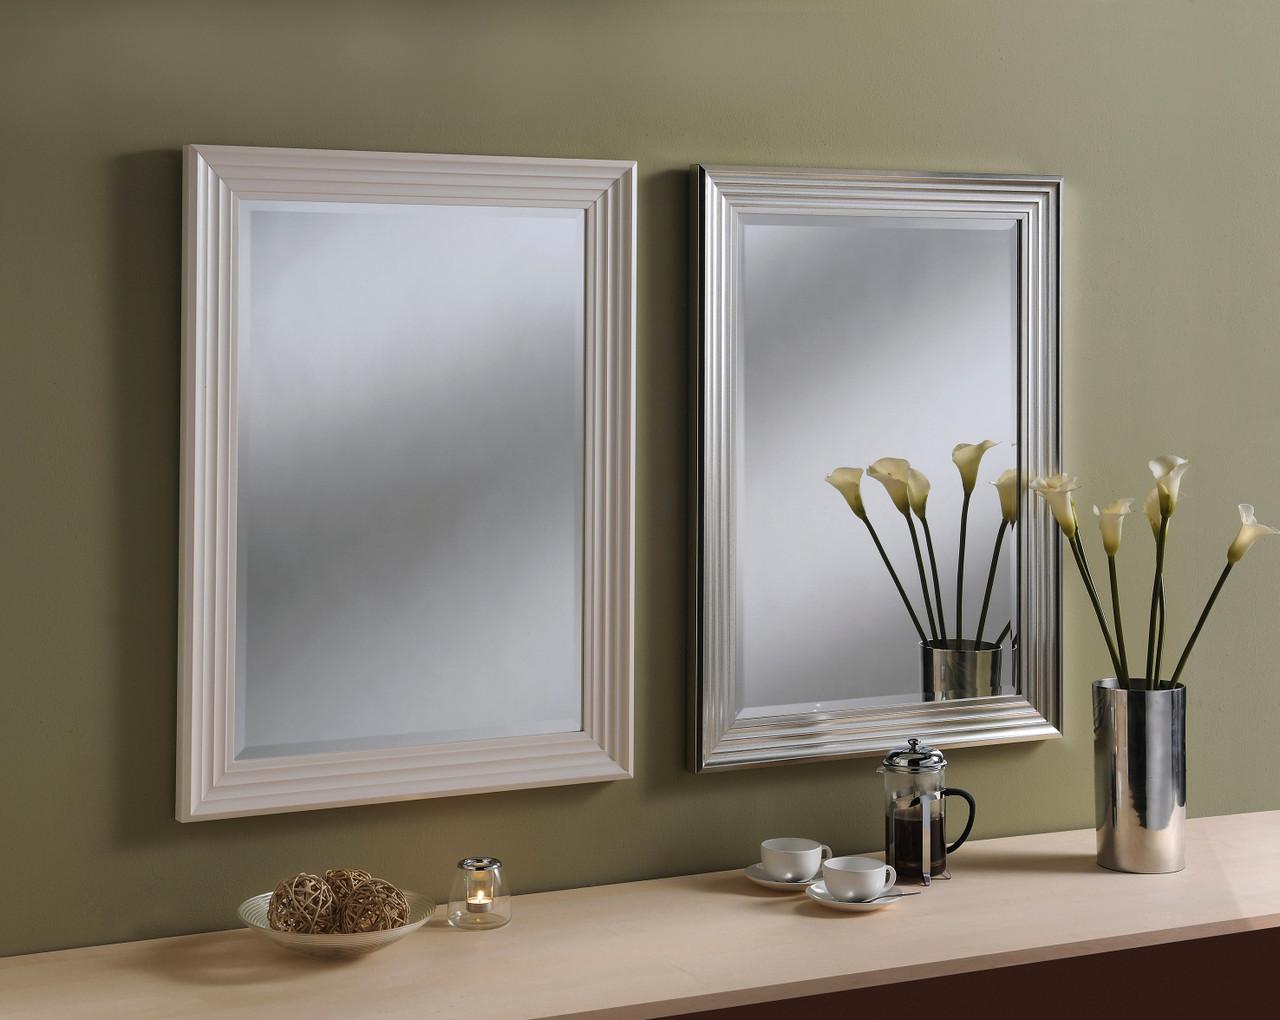 Image of Dash White Rectangular Mirror